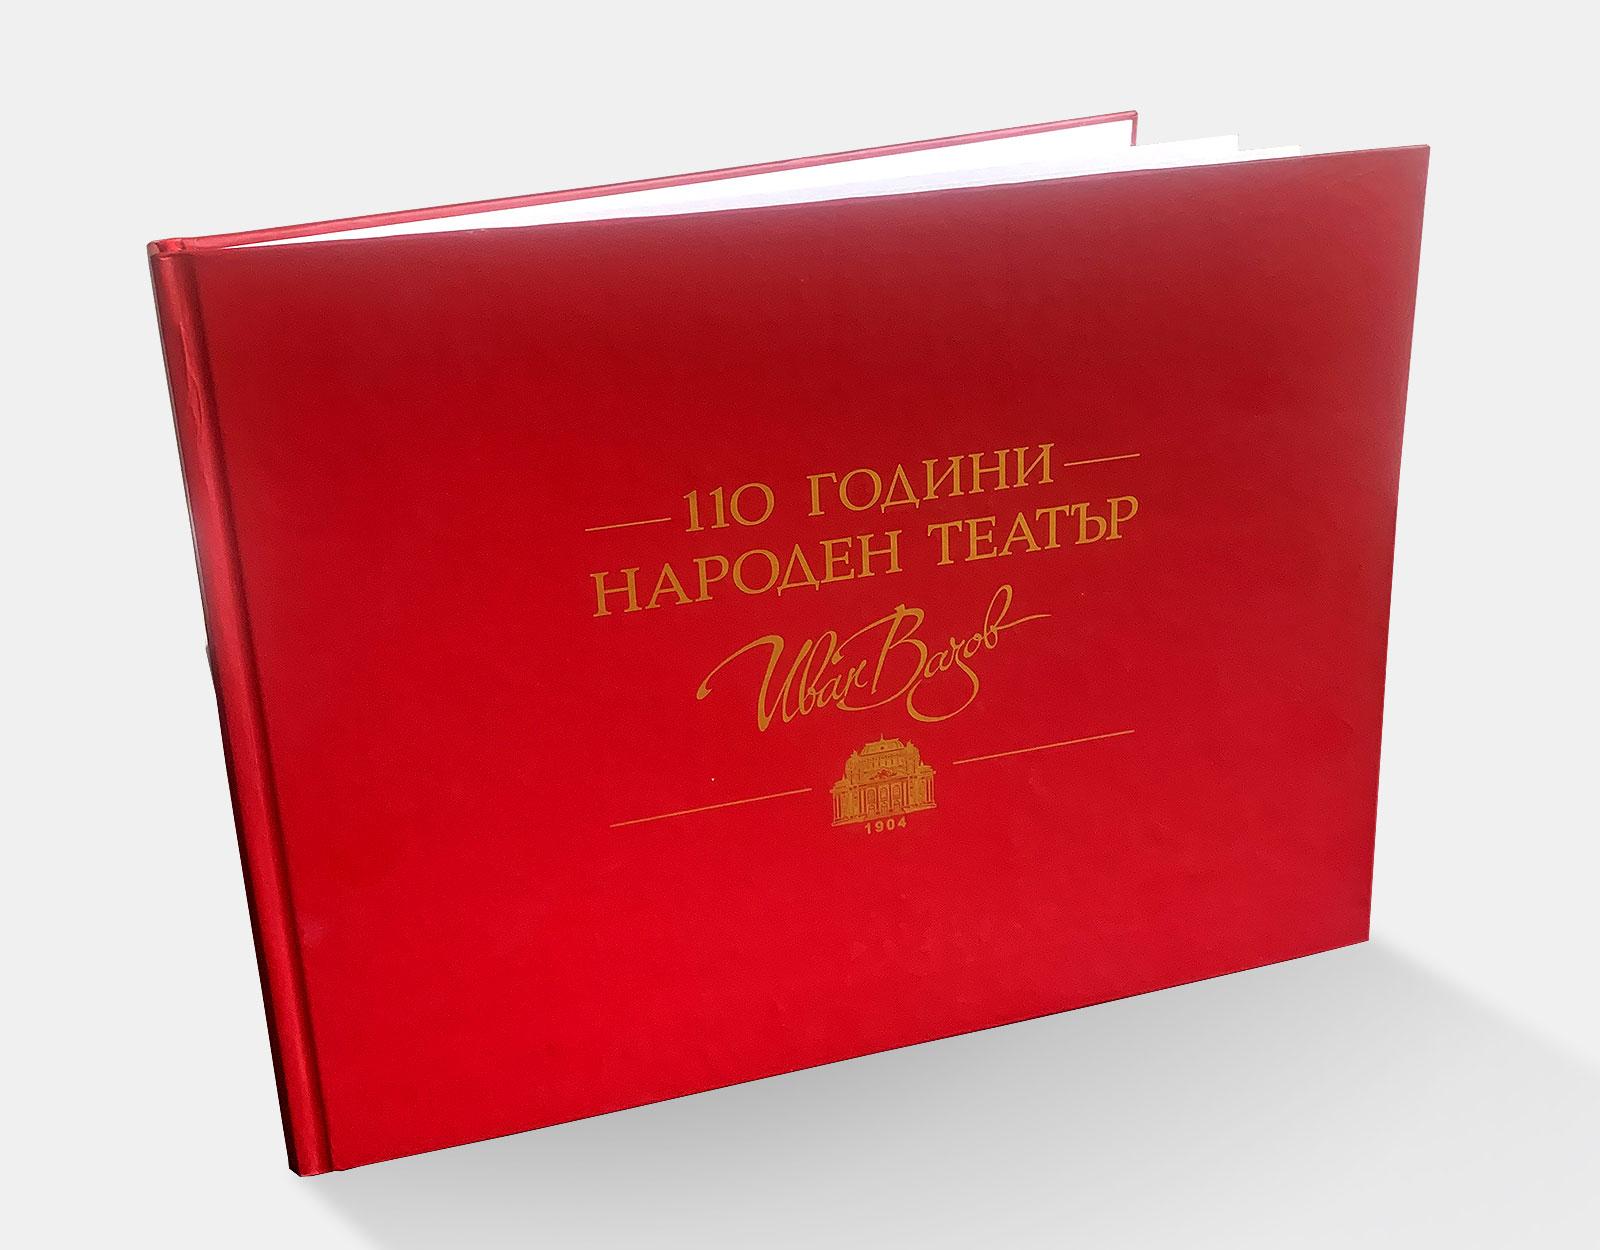 Книга/ Naroden teatyr Ivan Vazov